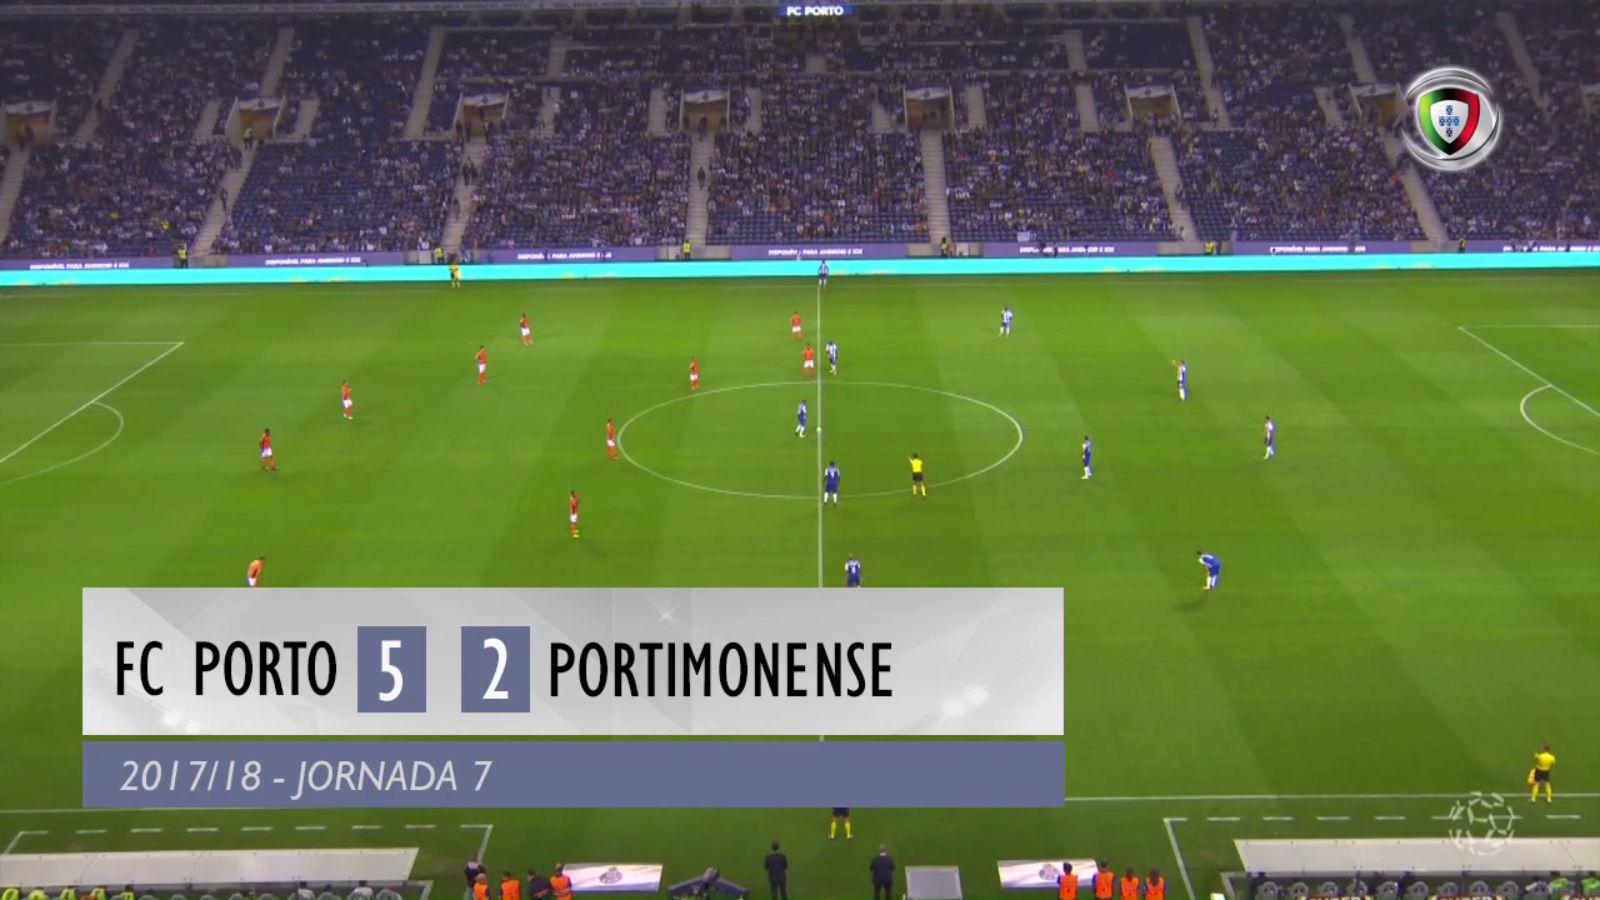 FC Porto 5-2 Portimonense